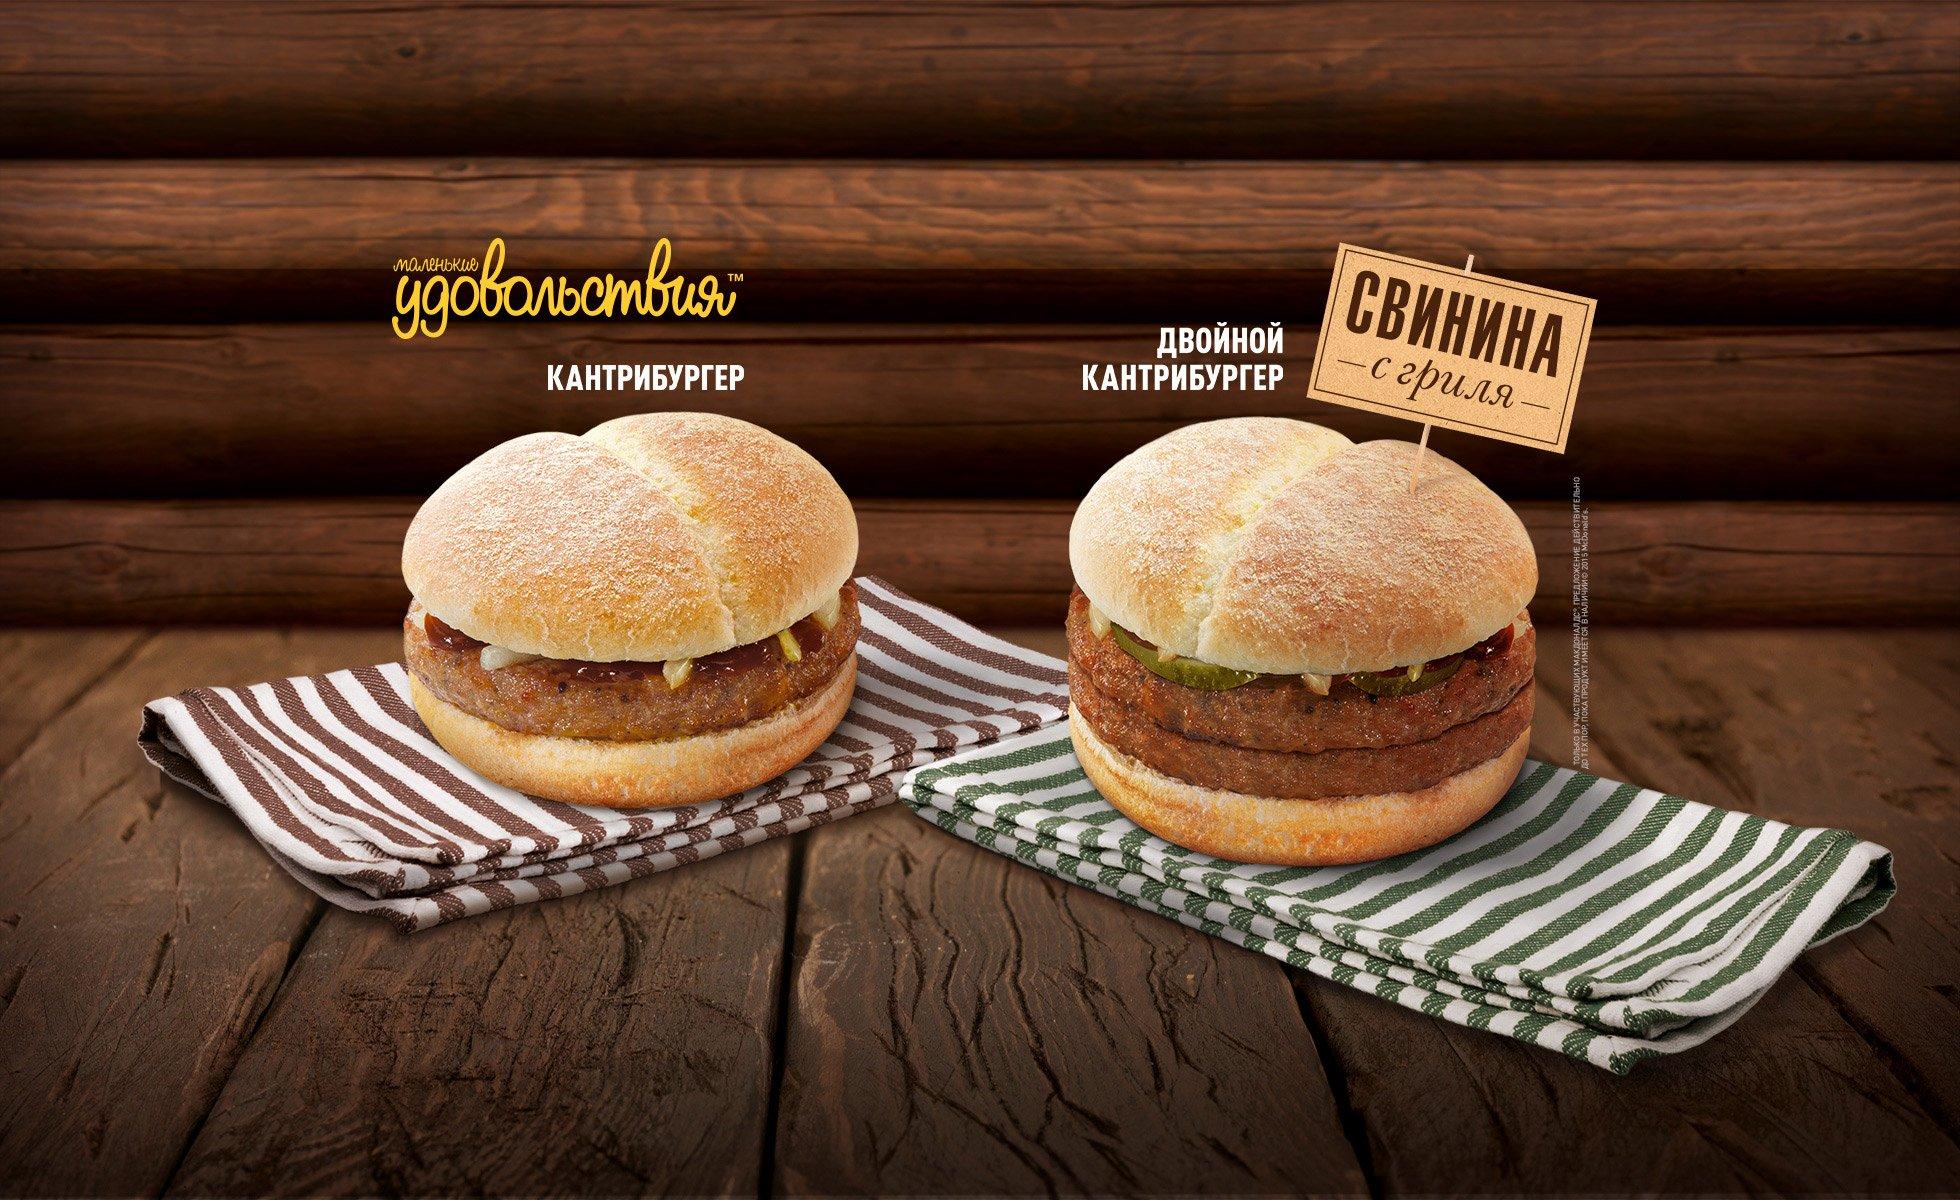 двойной кантрибургер обзор рецензия отзывы макдоналдс отвратительные мужики